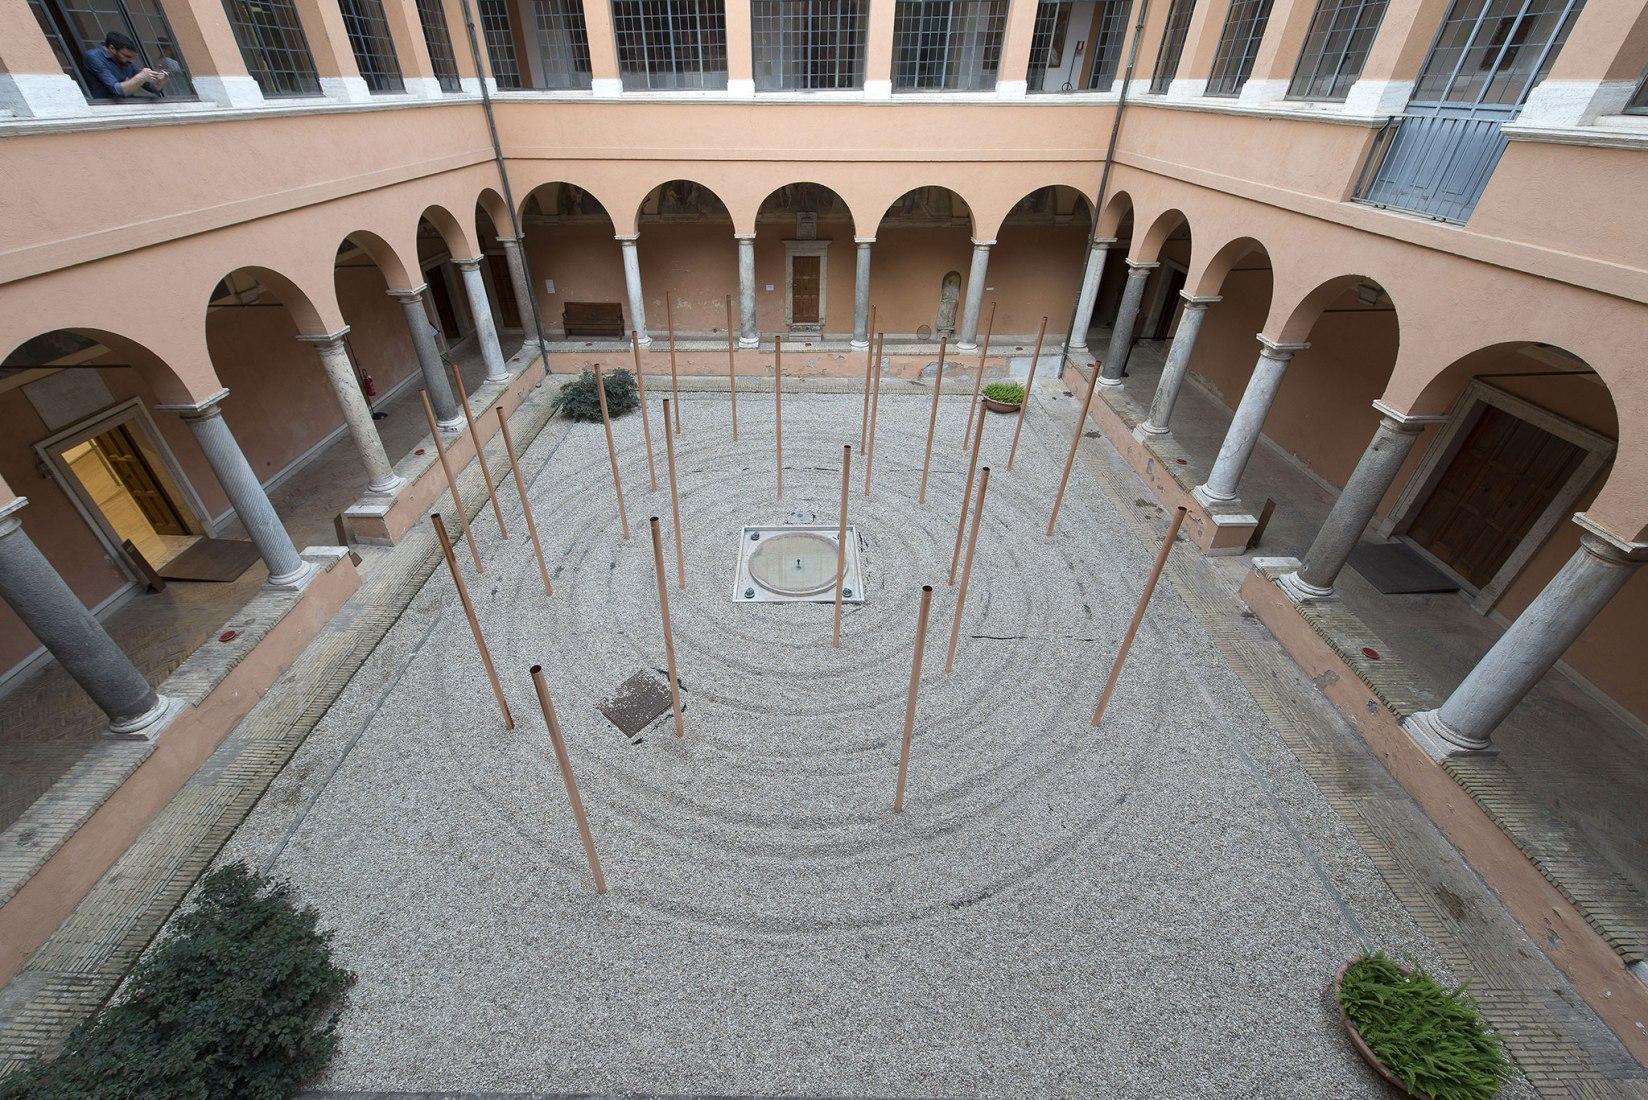 La radice del domani en la Real Academia de Bellas Artes de San Fernando. Imagen cortesía de RAER.